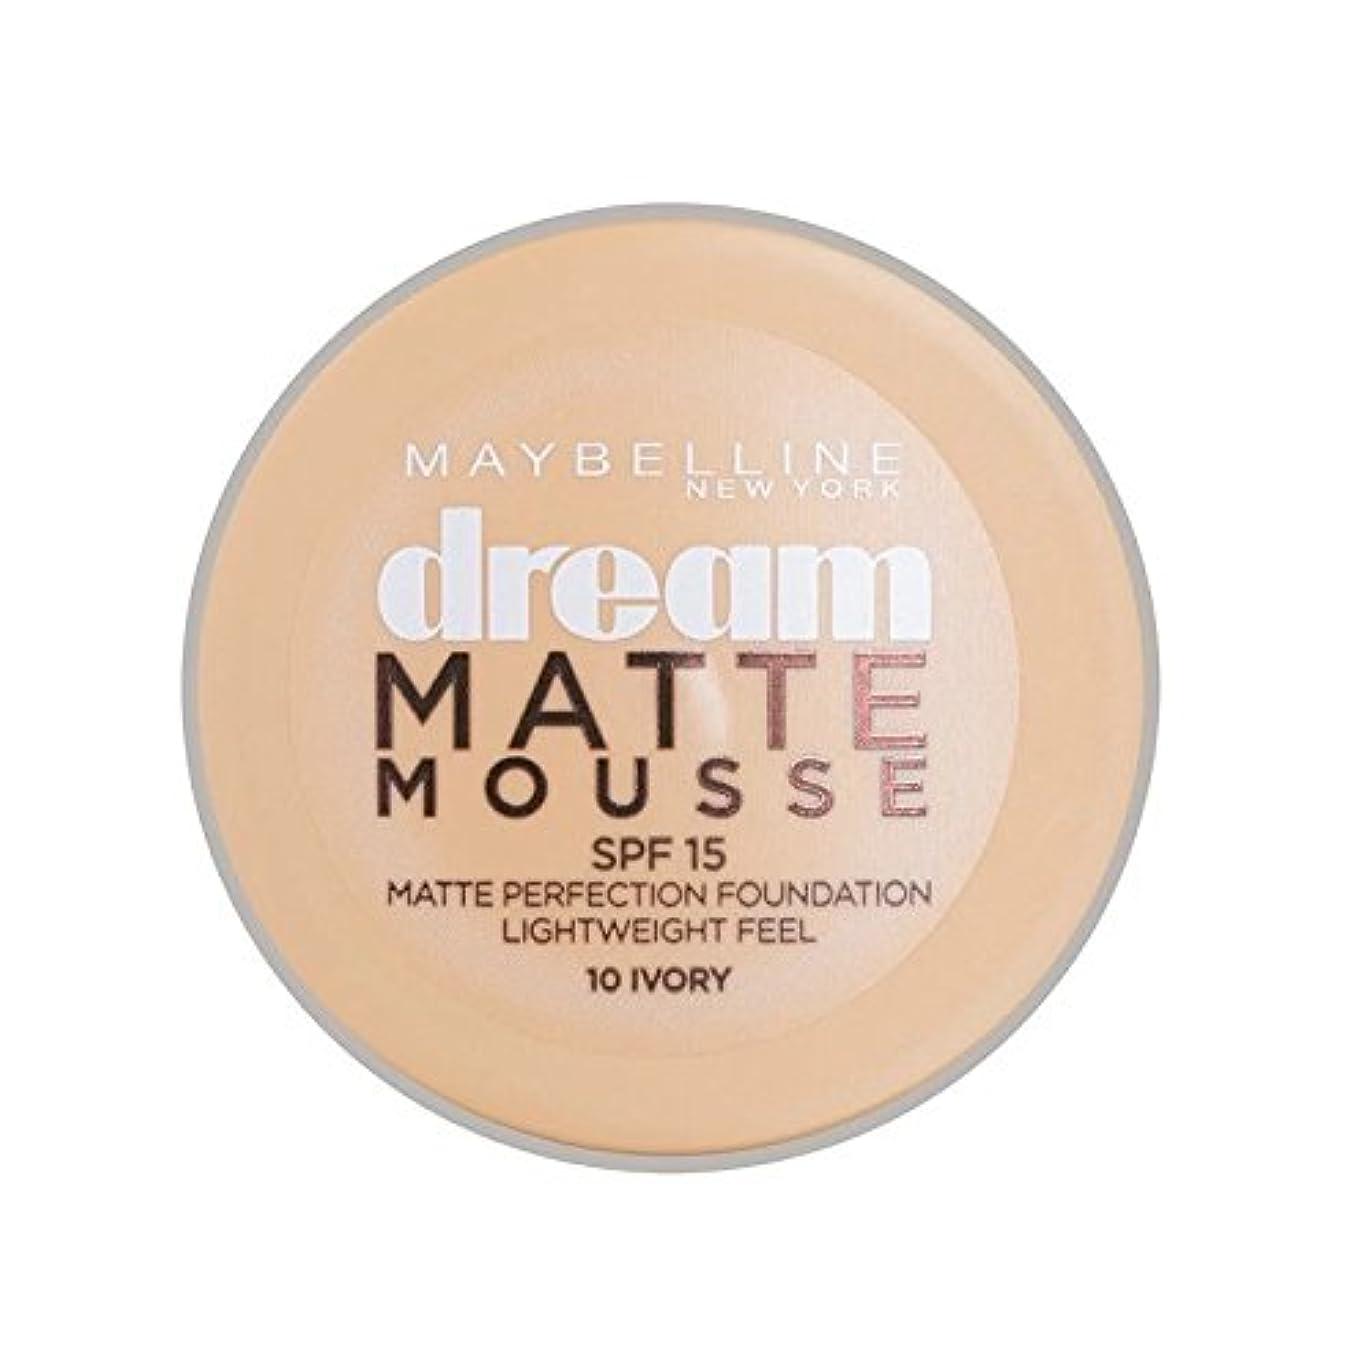 枕アラビア語ガチョウMaybelline Dream Matte Mousse Foundation 10 Ivory 10ml - メイベリン夢マットムース土台10アイボリー10ミリリットル [並行輸入品]